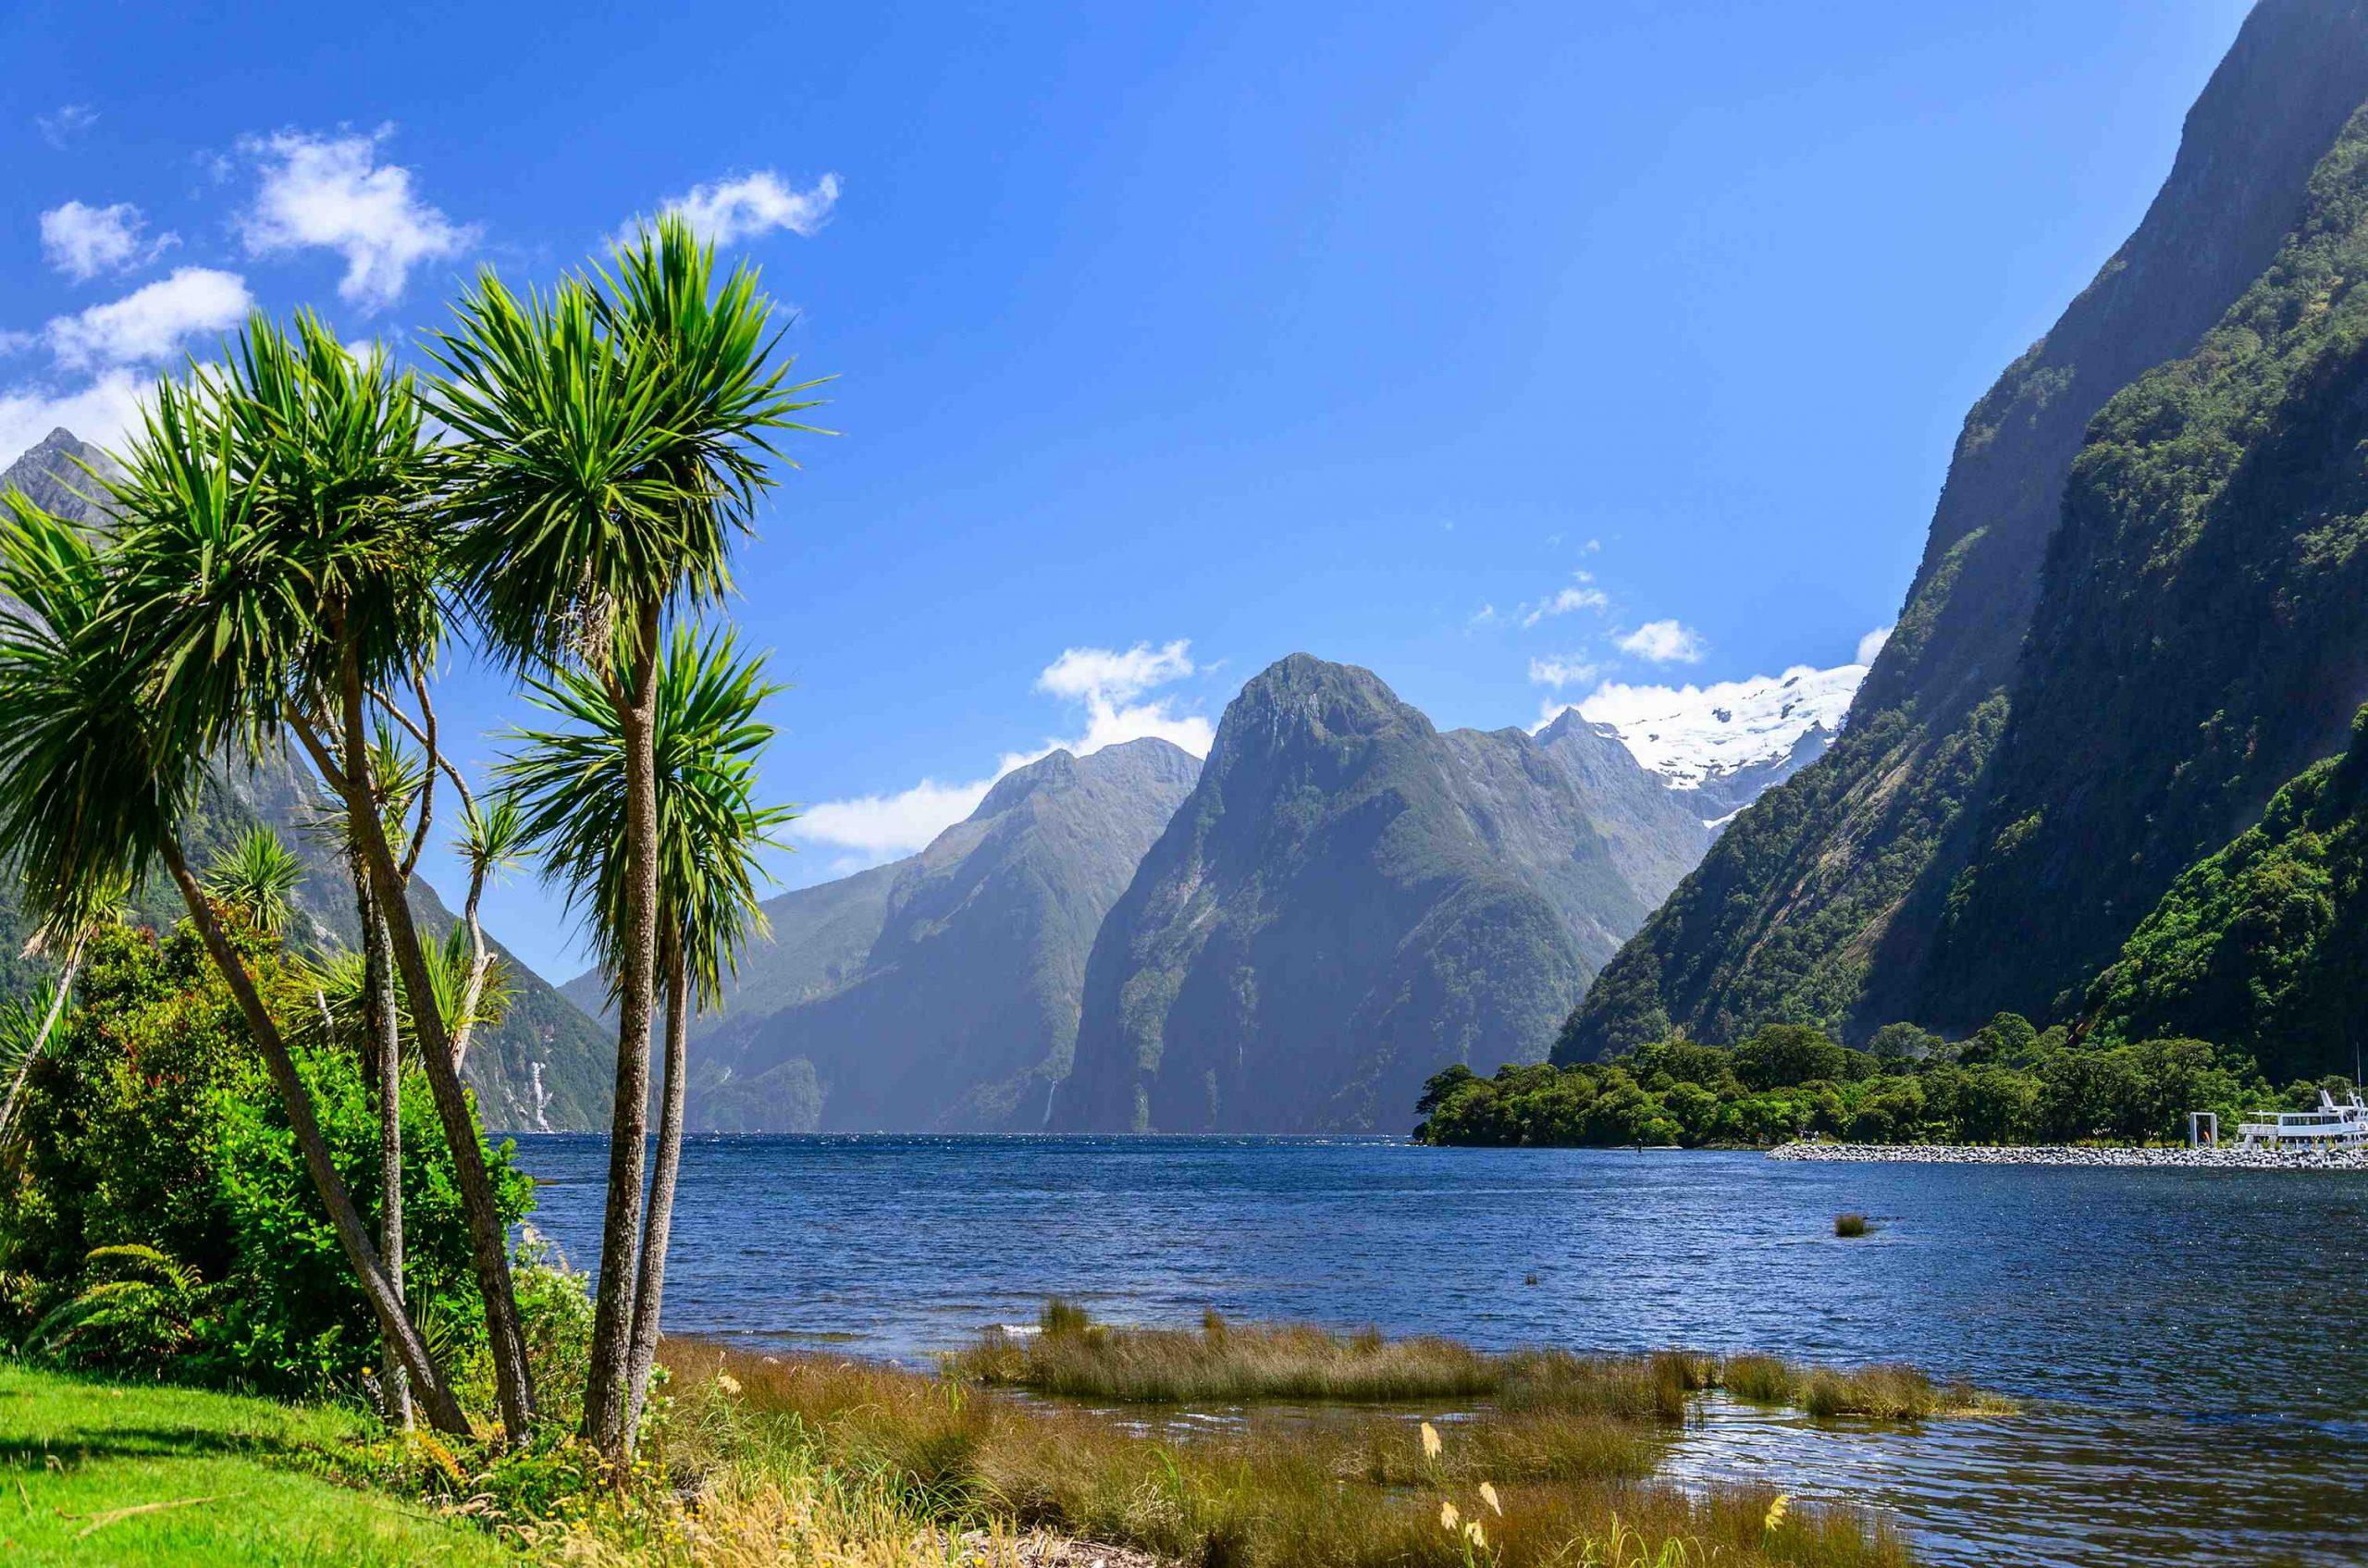 Où trouver les plus beaux paysages du monde?